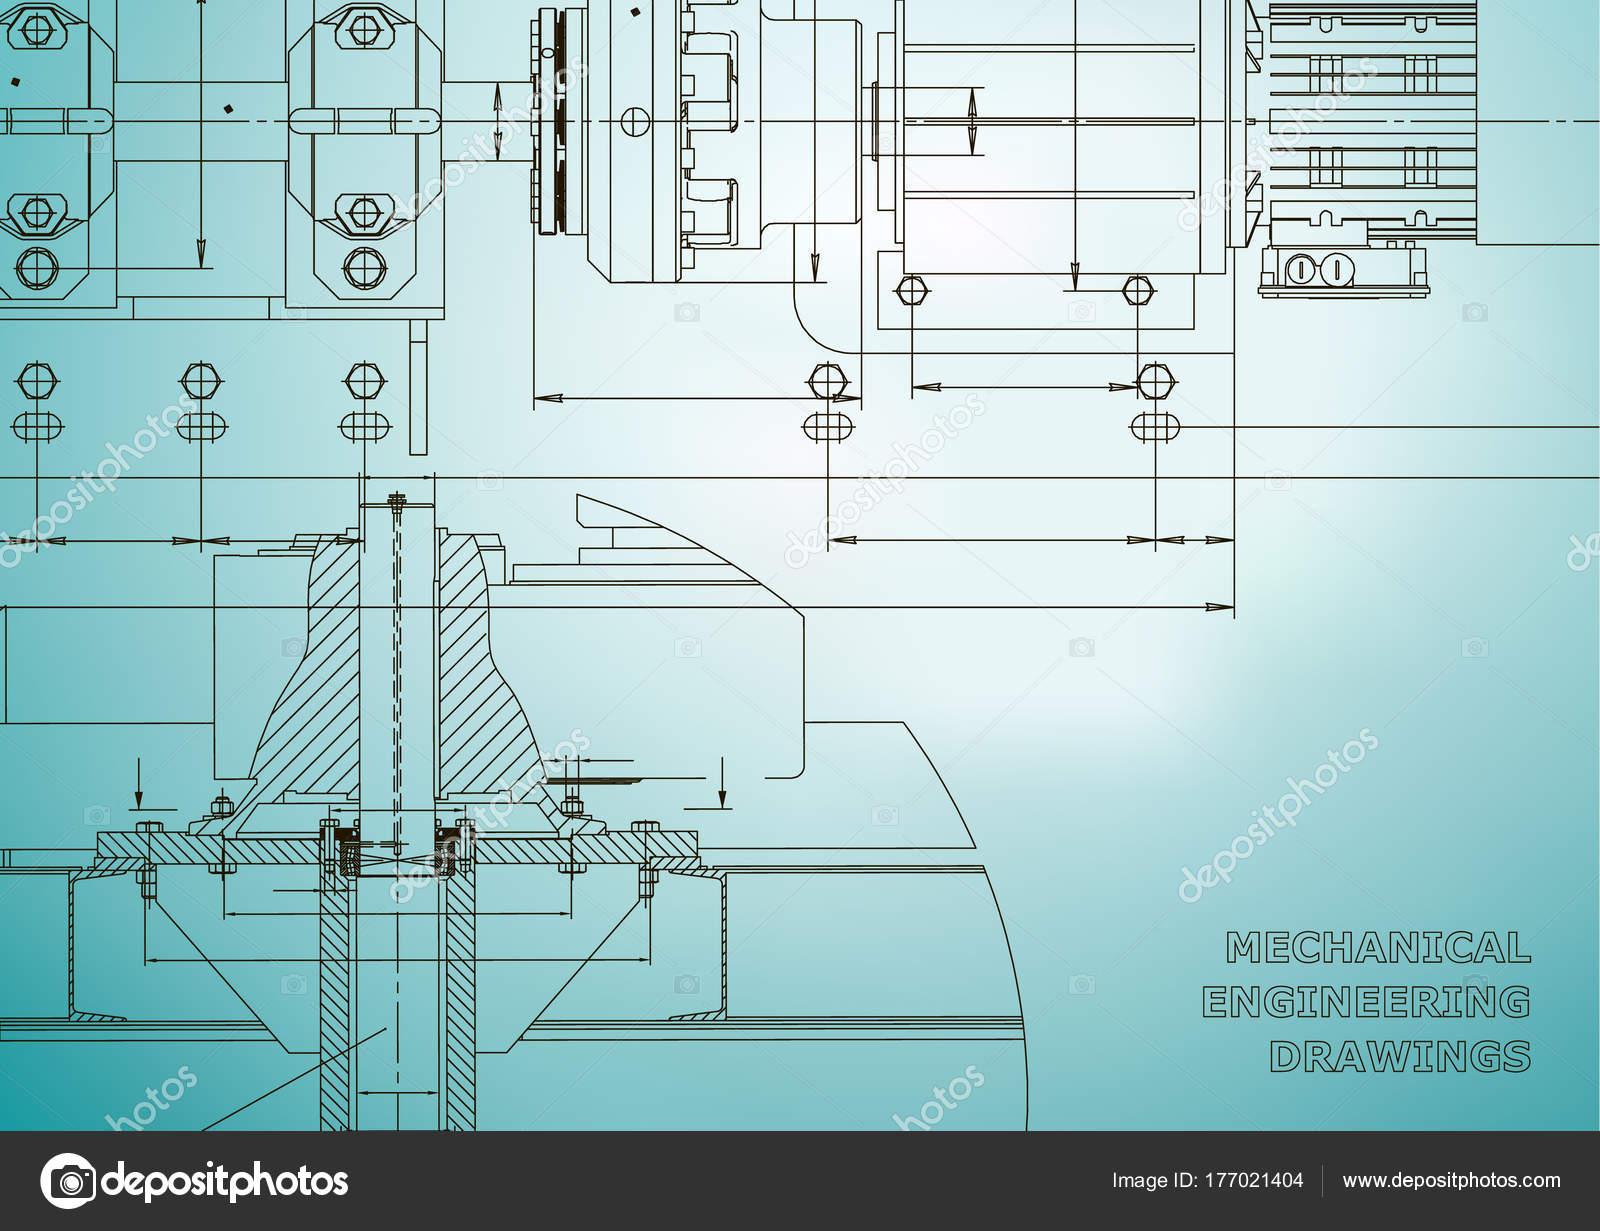 Maschinenbau Zeichnungen Technisches Design Technik Hintergründe ...